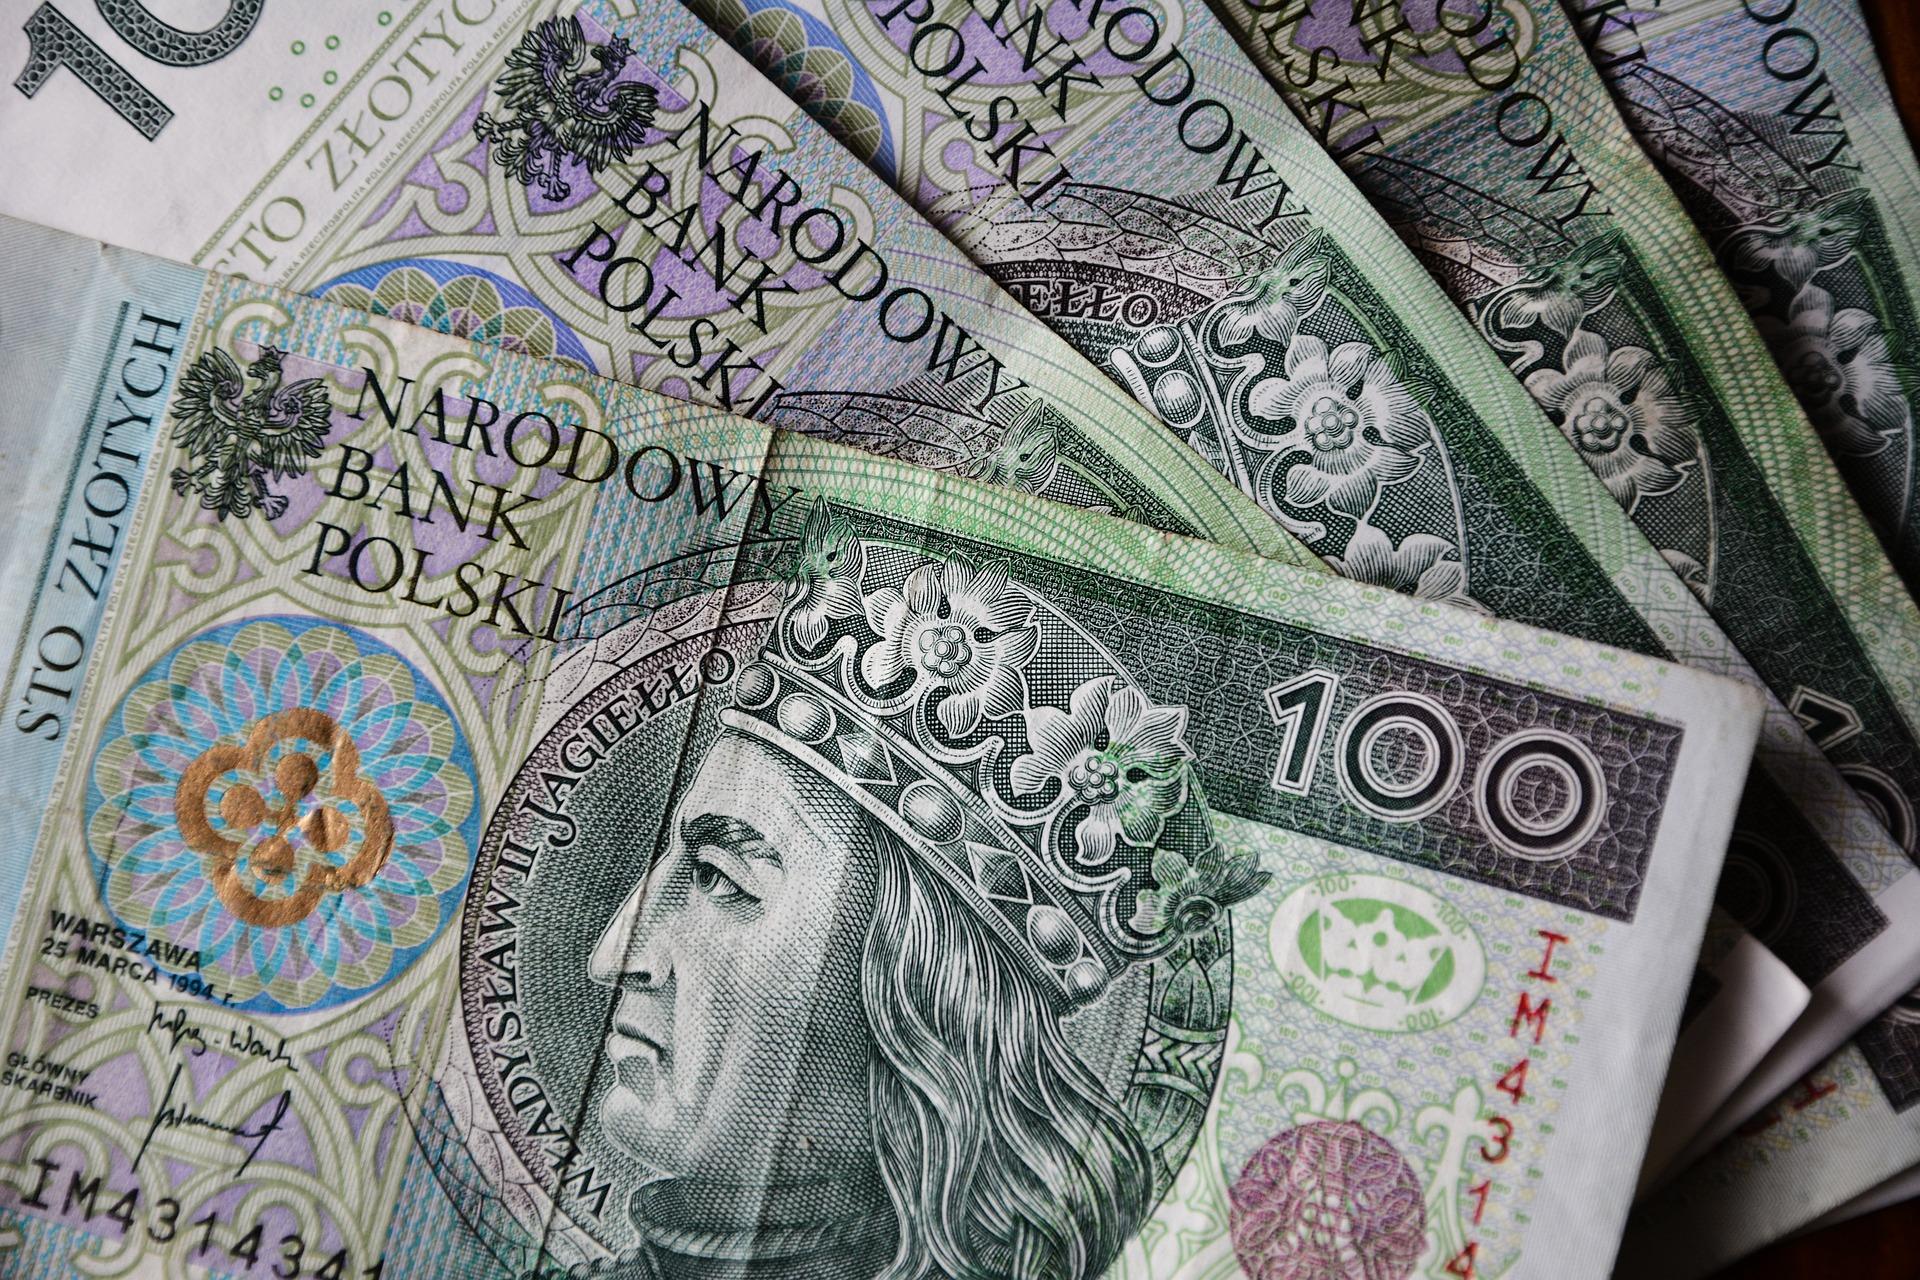 Znalazł pieniądze w bankomacie i odniósł na komendę - Zdjęcie główne